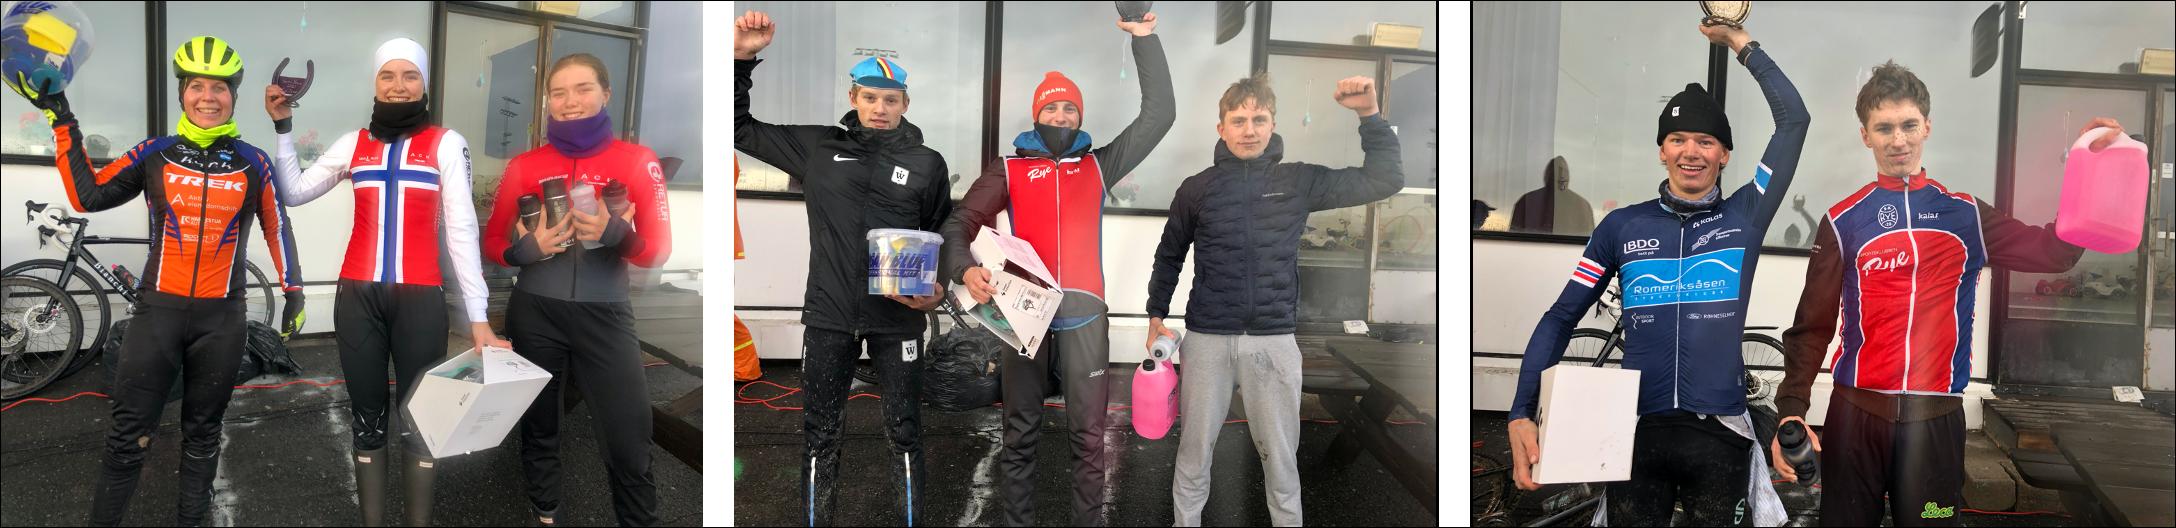 Vinnerne av det gjeve Bjerkekrosstroféet og premier fra Sørensen sykkel og Spinn Majorstua.